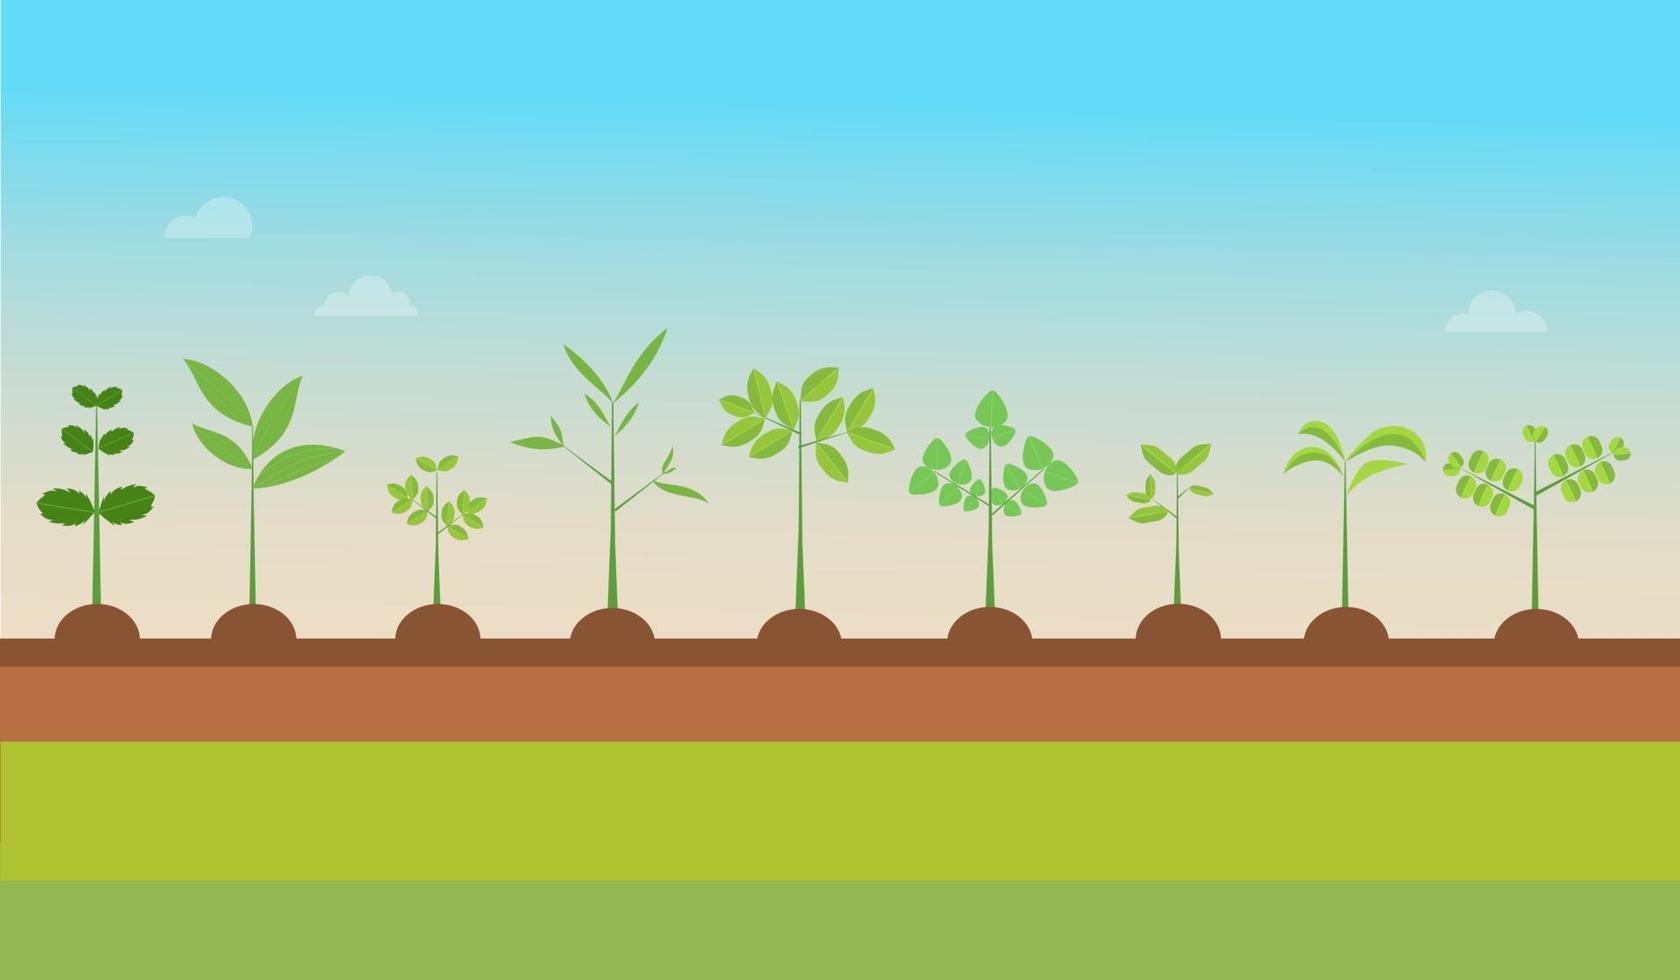 växttyper växer med natur bakgrund. vektorillustration. plantor gröna träd. växter på marken. trädplantor vektor